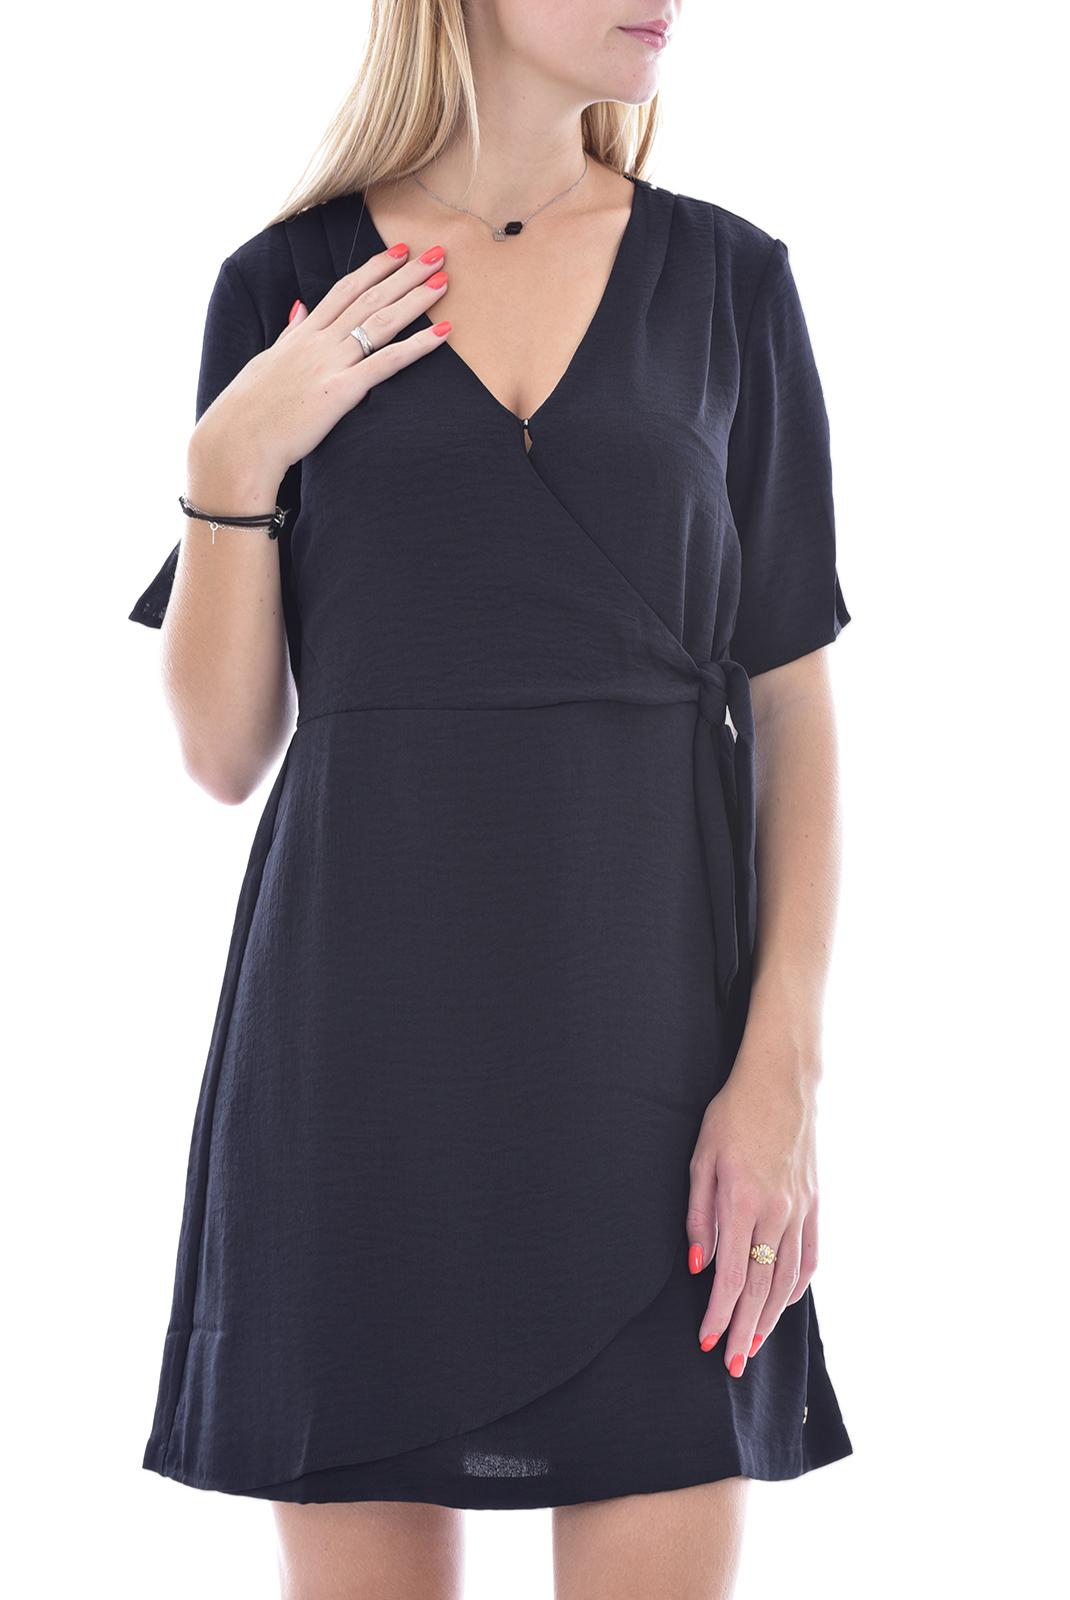 Robes  Kaporal SODA BLACK